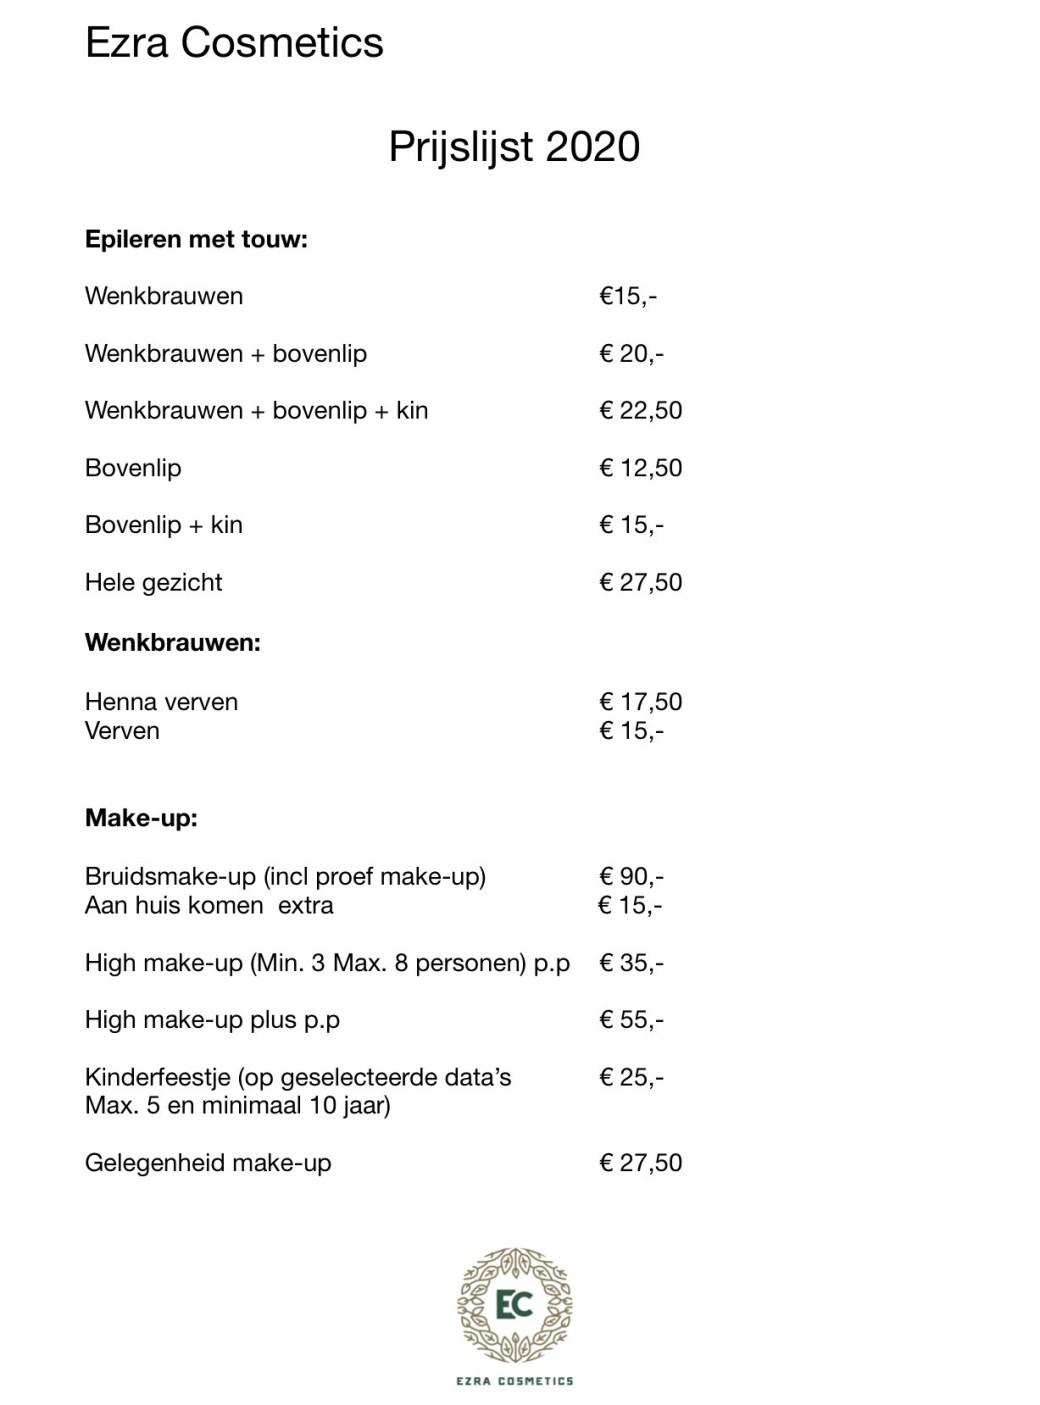 prijslijst ezra cosmetics